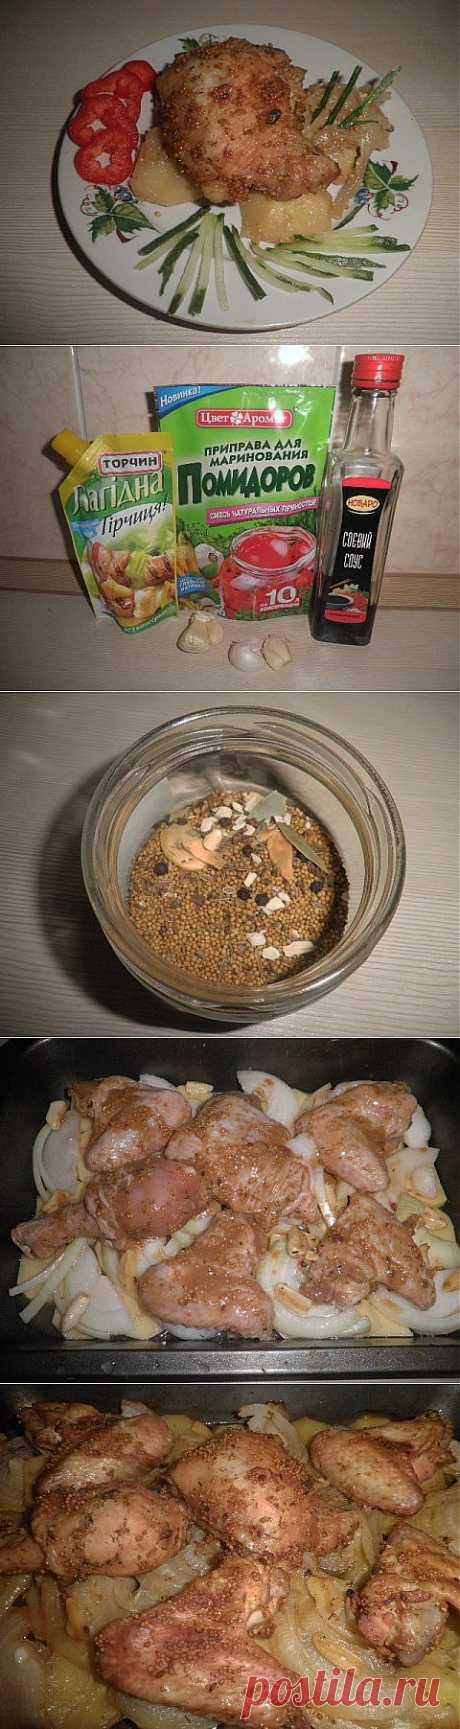 Курица с горчицей и маринадом для овощей | Давай поговорим